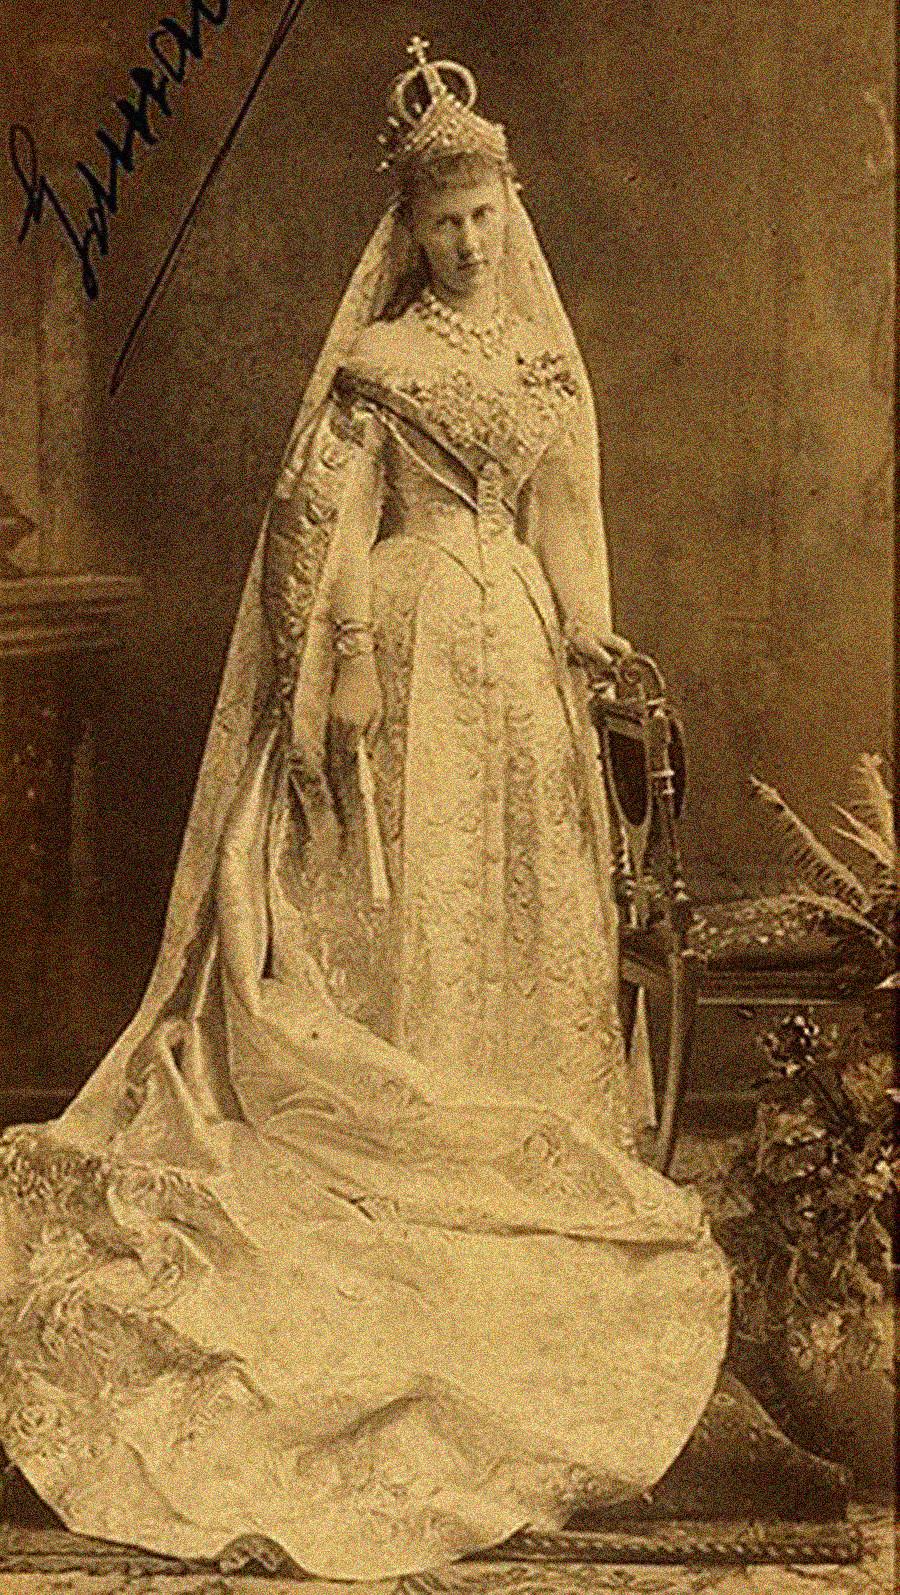 La gran duquesa Isabel Mavríkievna, nieta de Nicolás I